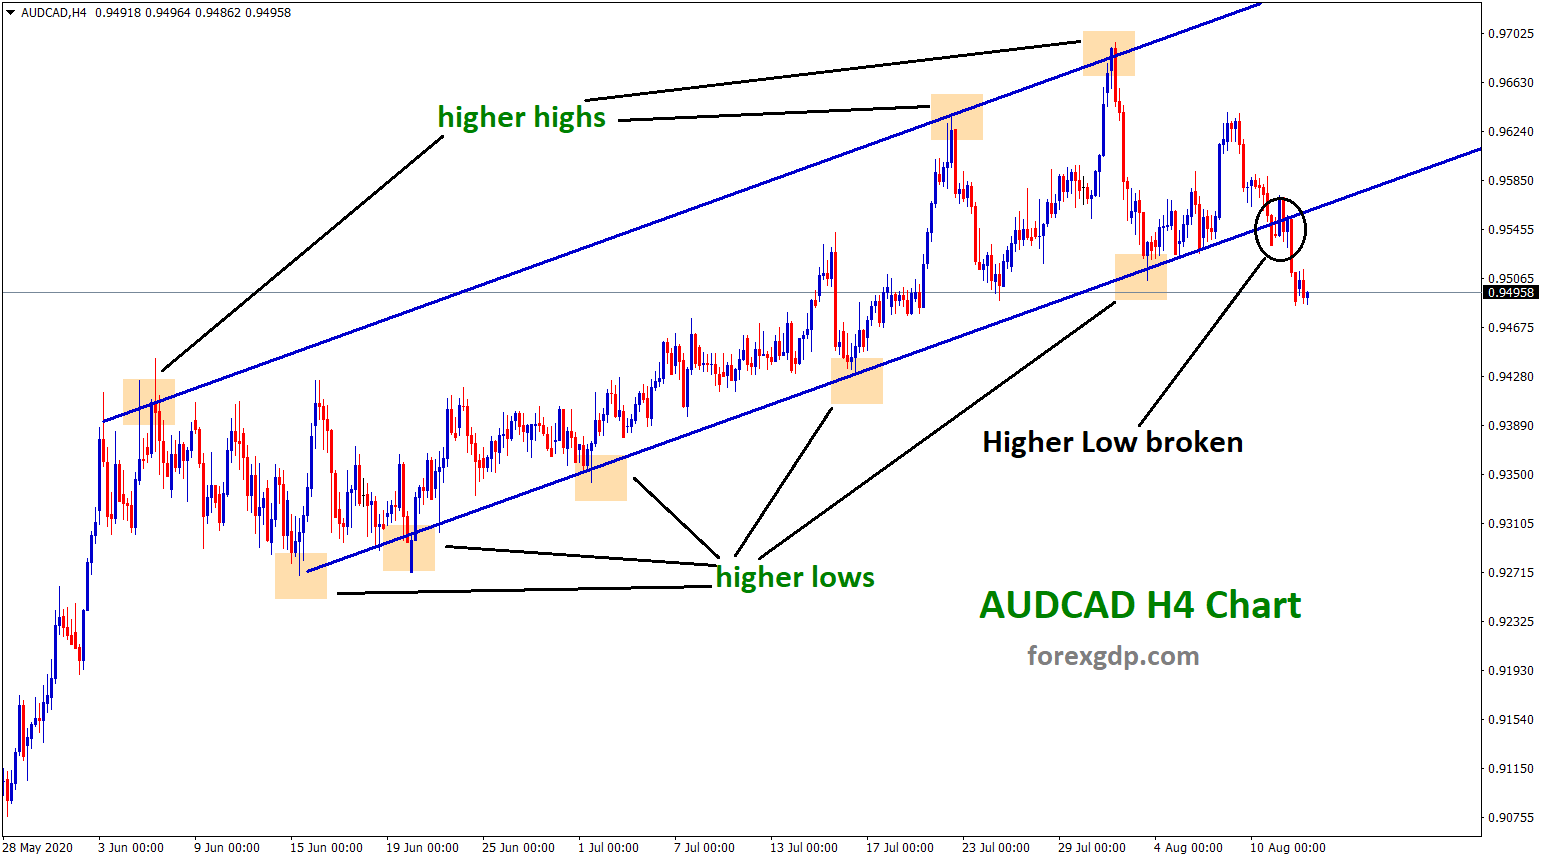 audcad uptrend line higher low broken